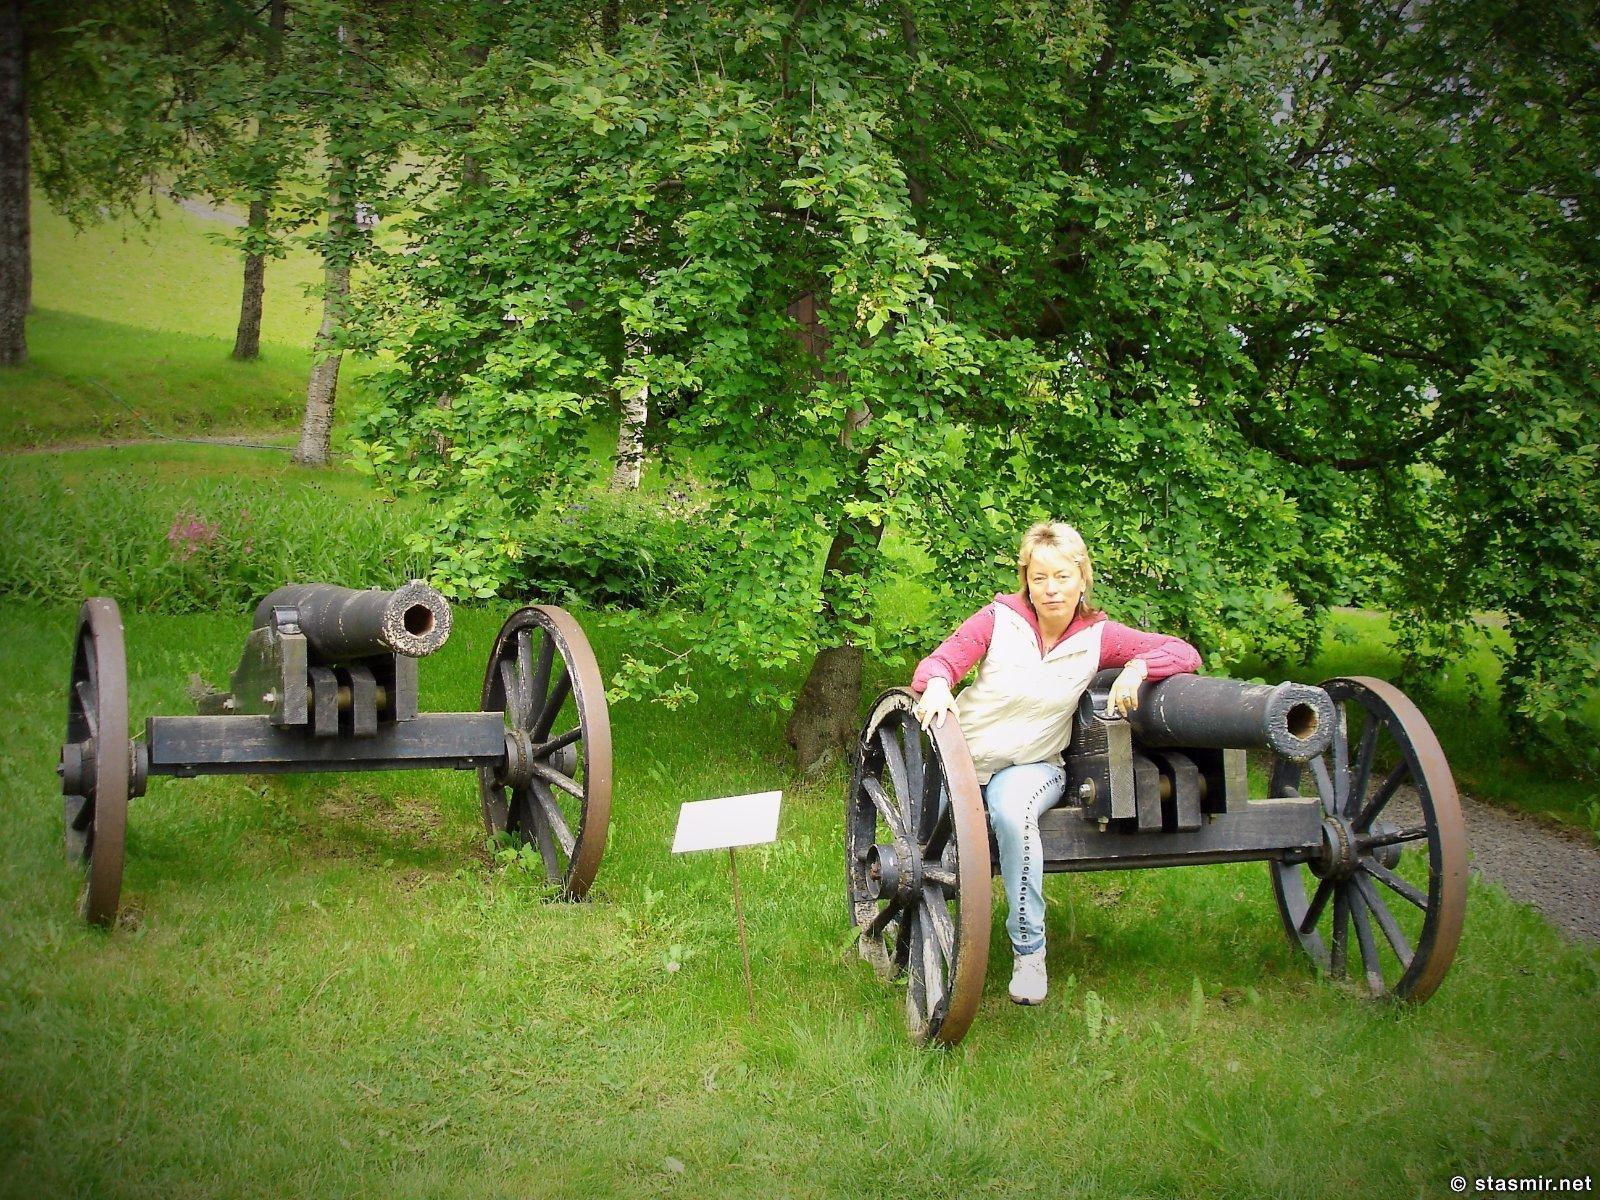 Акюрейри, Северная Столица Исландии, Эйя-фьорд, Брильянтовое кольцо Исландии, тур